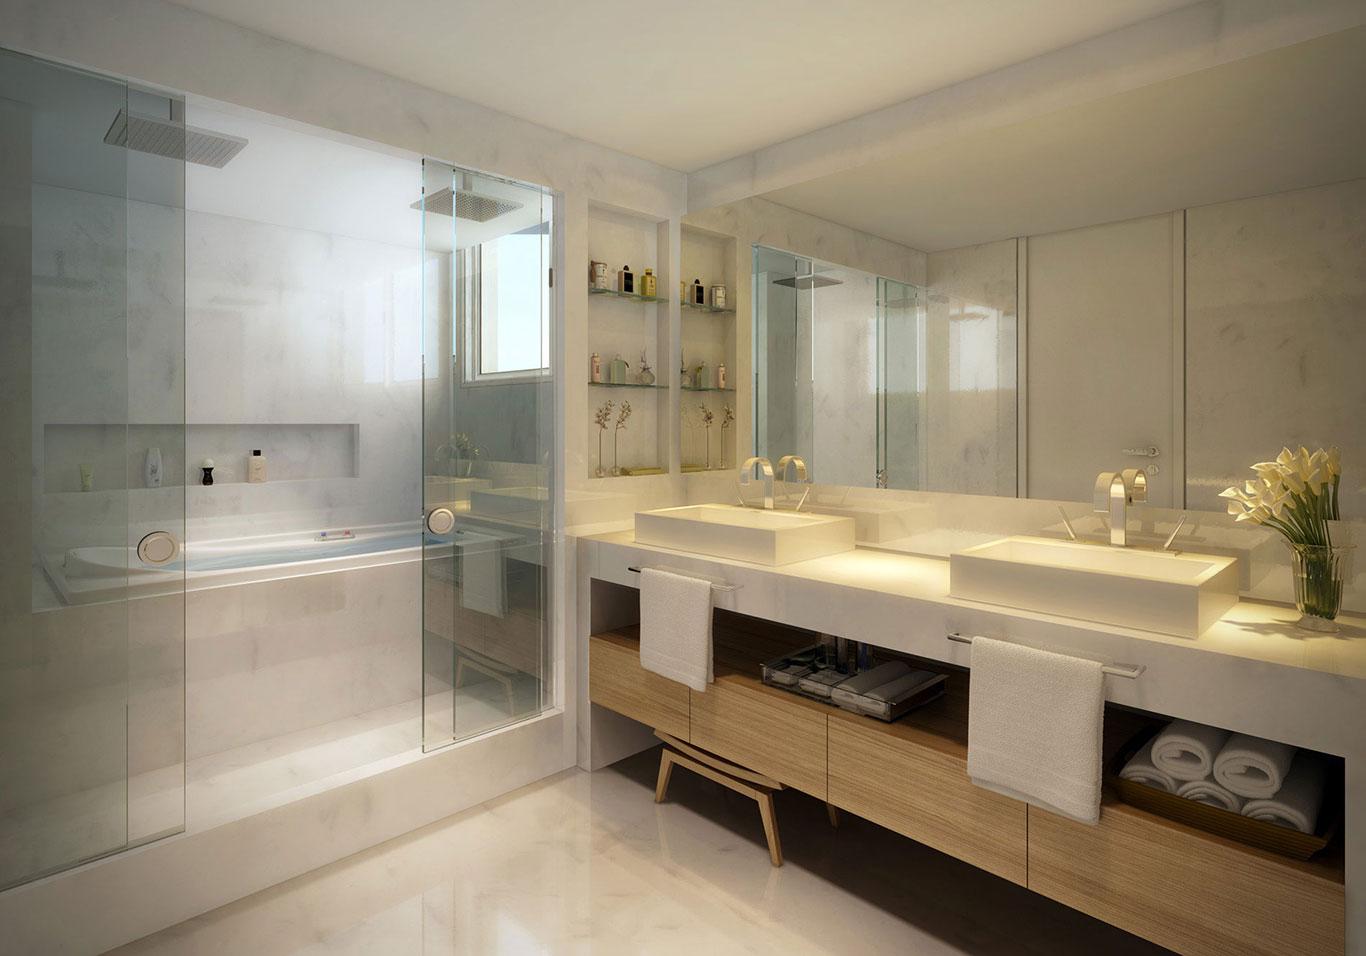 Roldana embutida: Uma ótima novidade que permite o fechamento  #2A2016 1366x956 Banheiro De Casal Grande